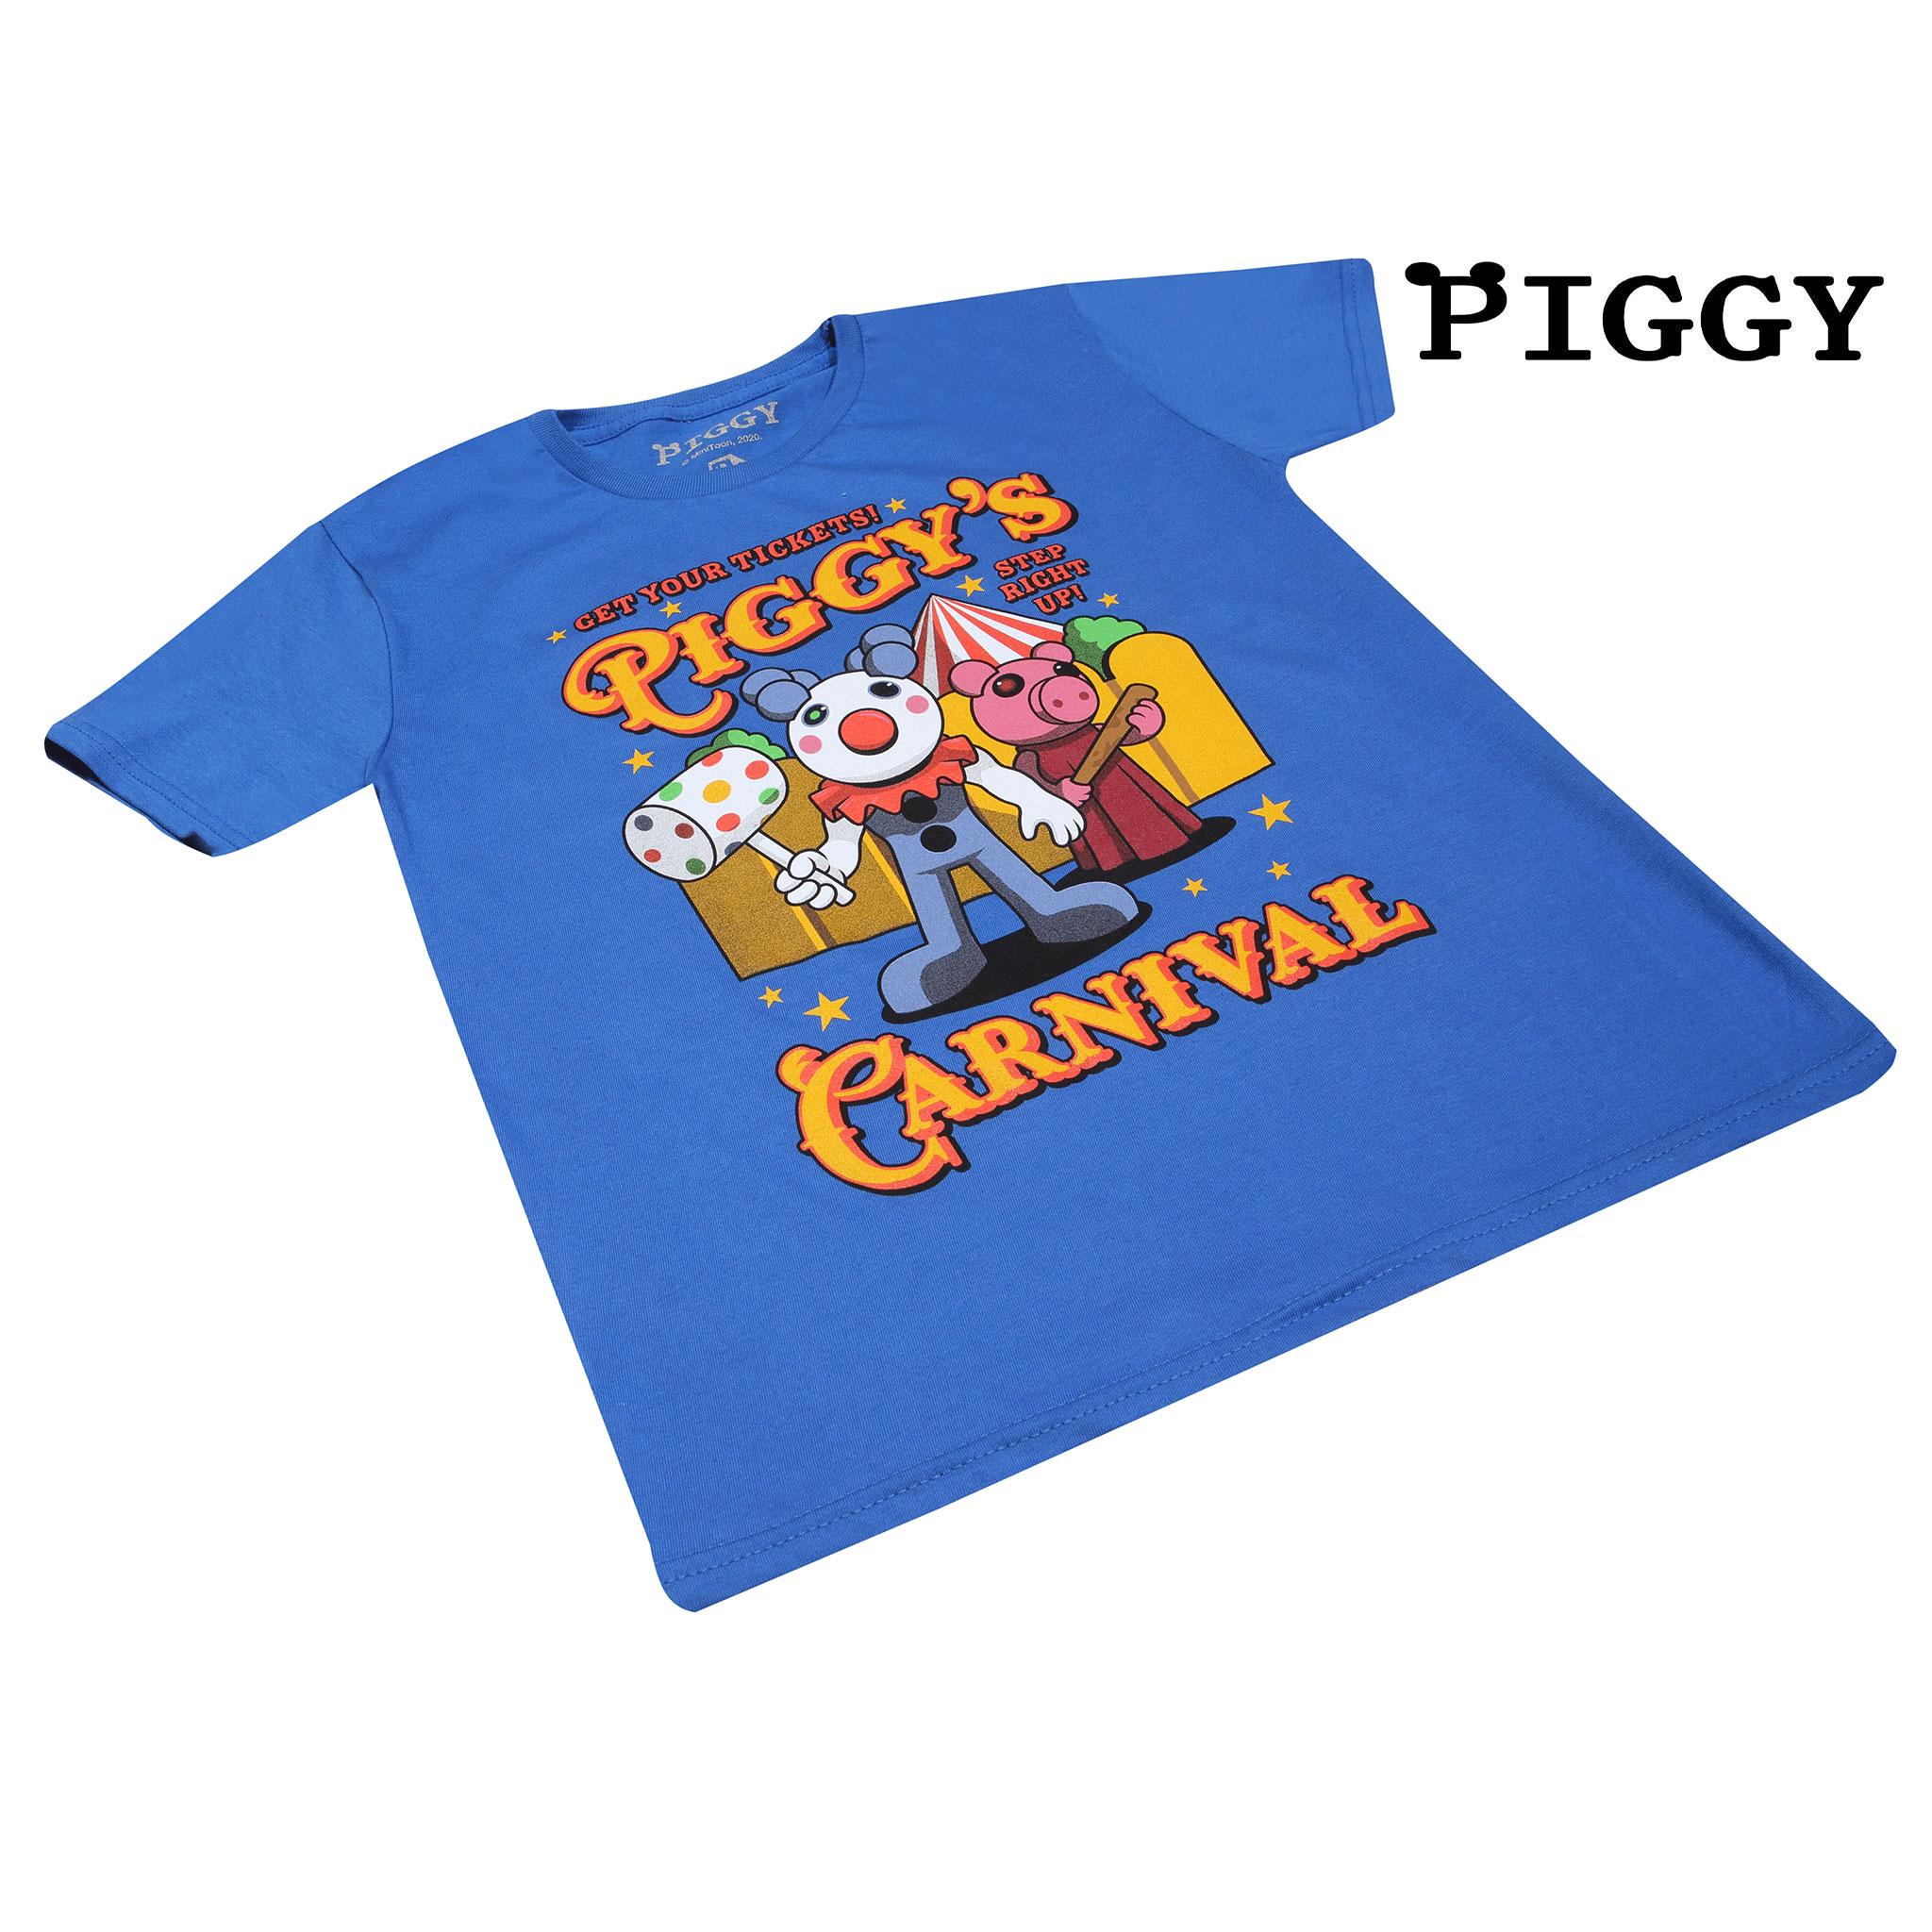 miniature 14 - Boys Piggy T Shirt Carnival Official